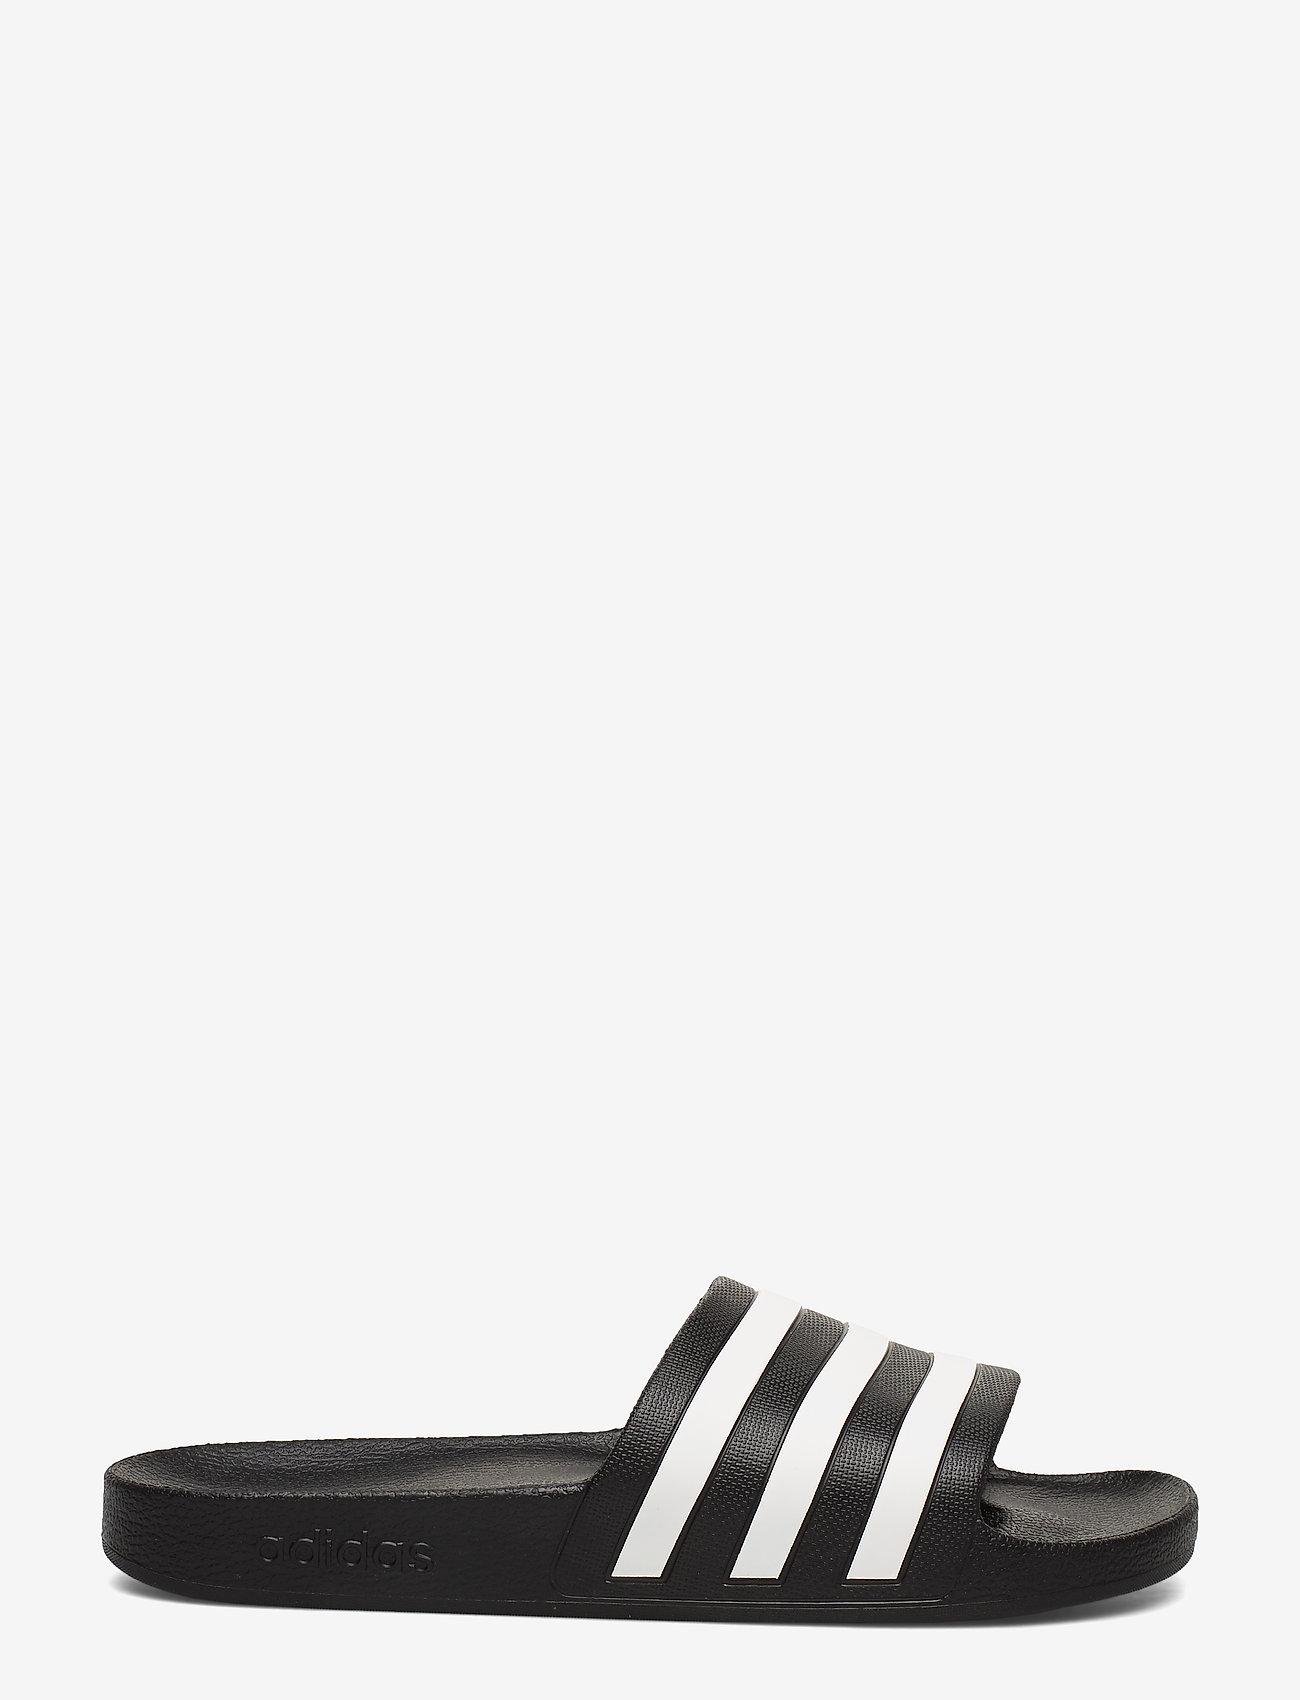 adidas Performance - ADILETTE AQUA - pool sliders - cblack/ftwwht/cblack - 1